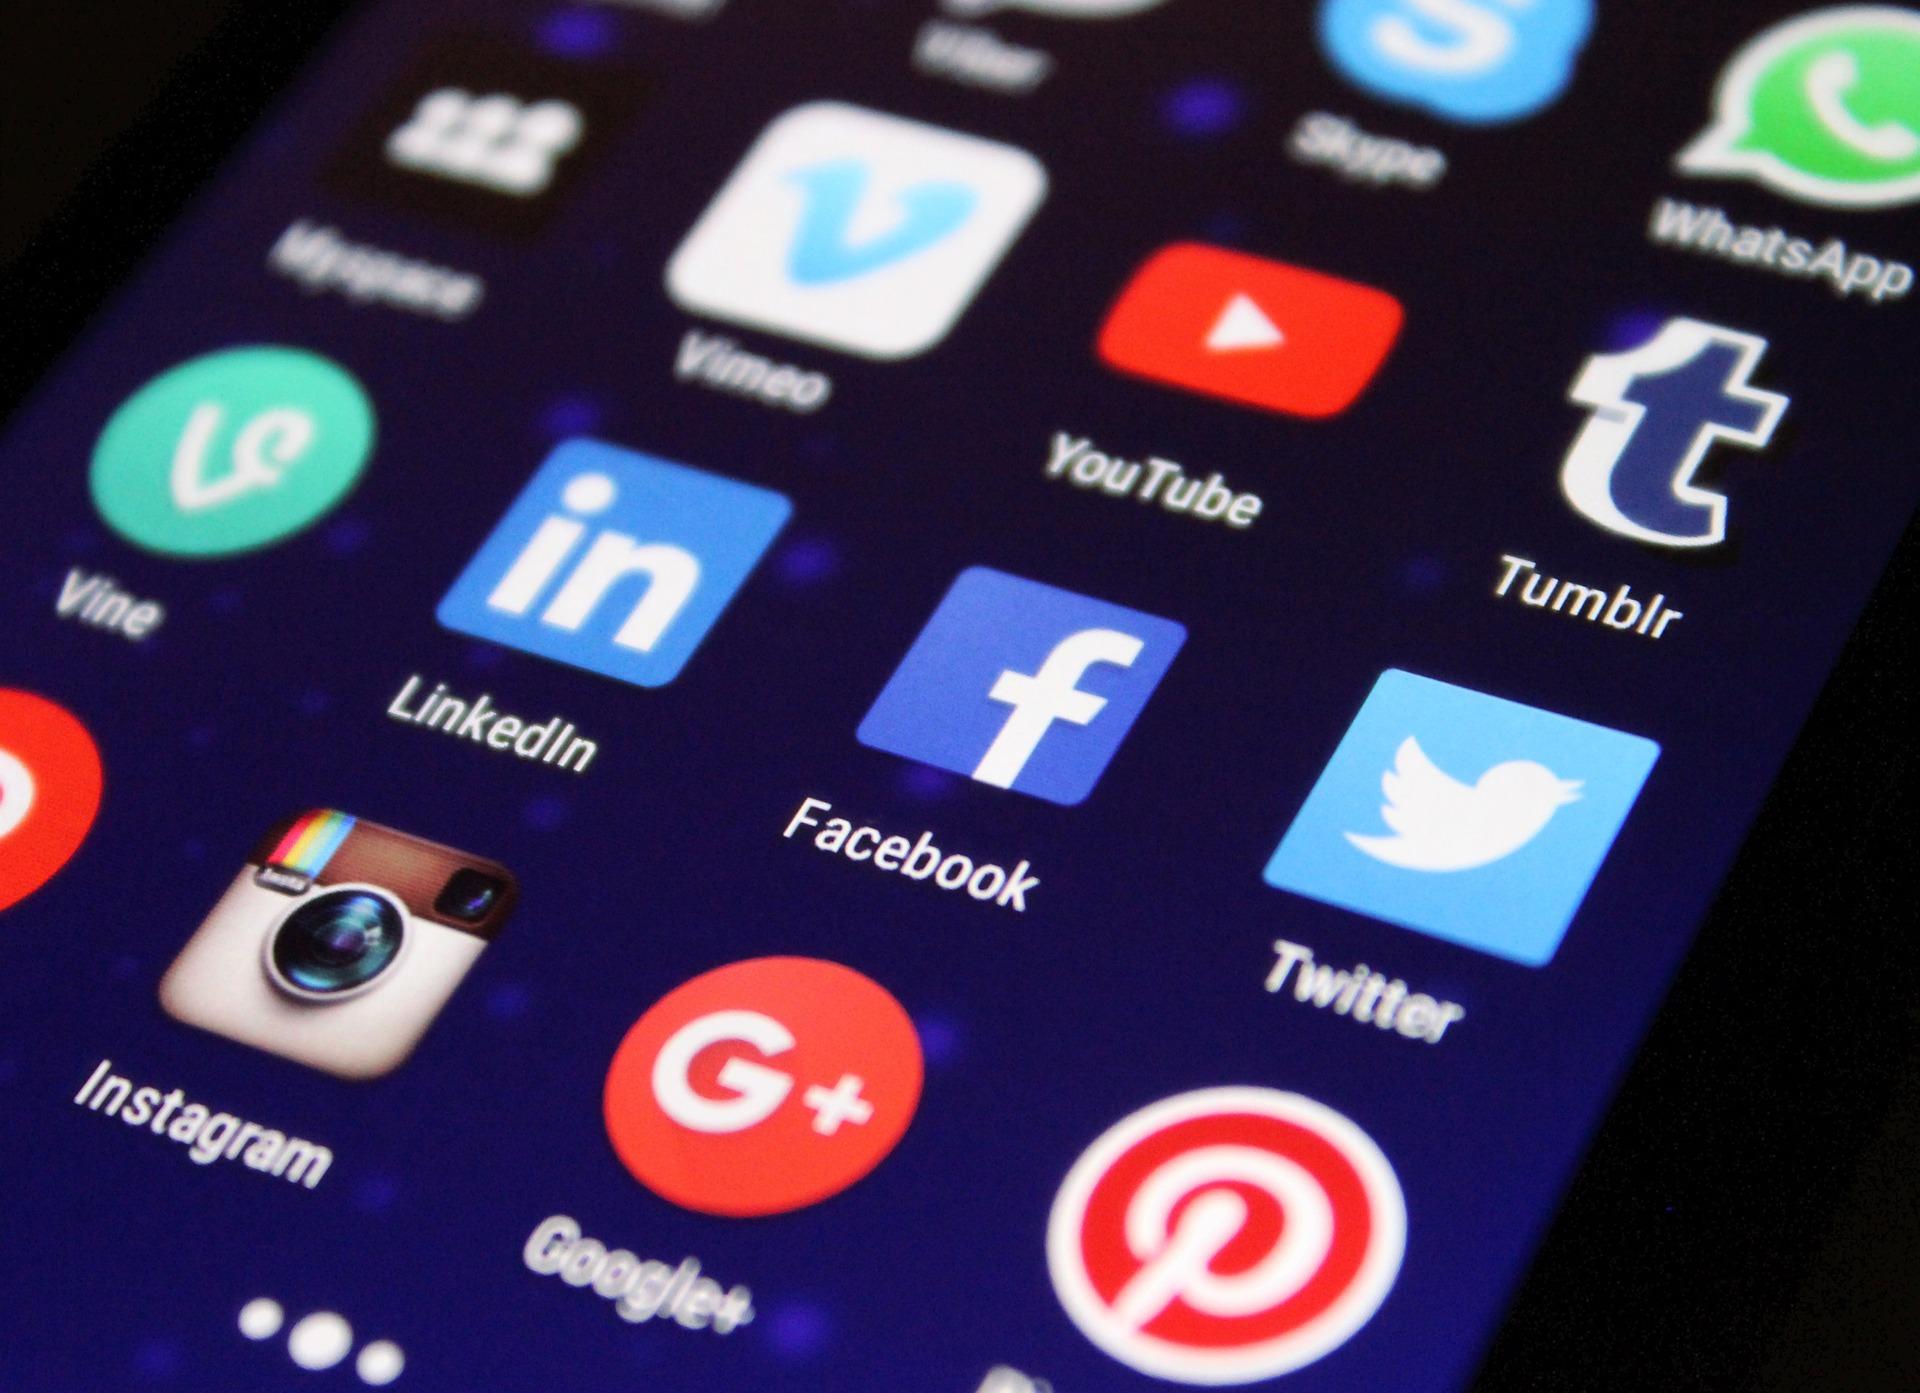 Atajos de enlace para compartir en redes sociales